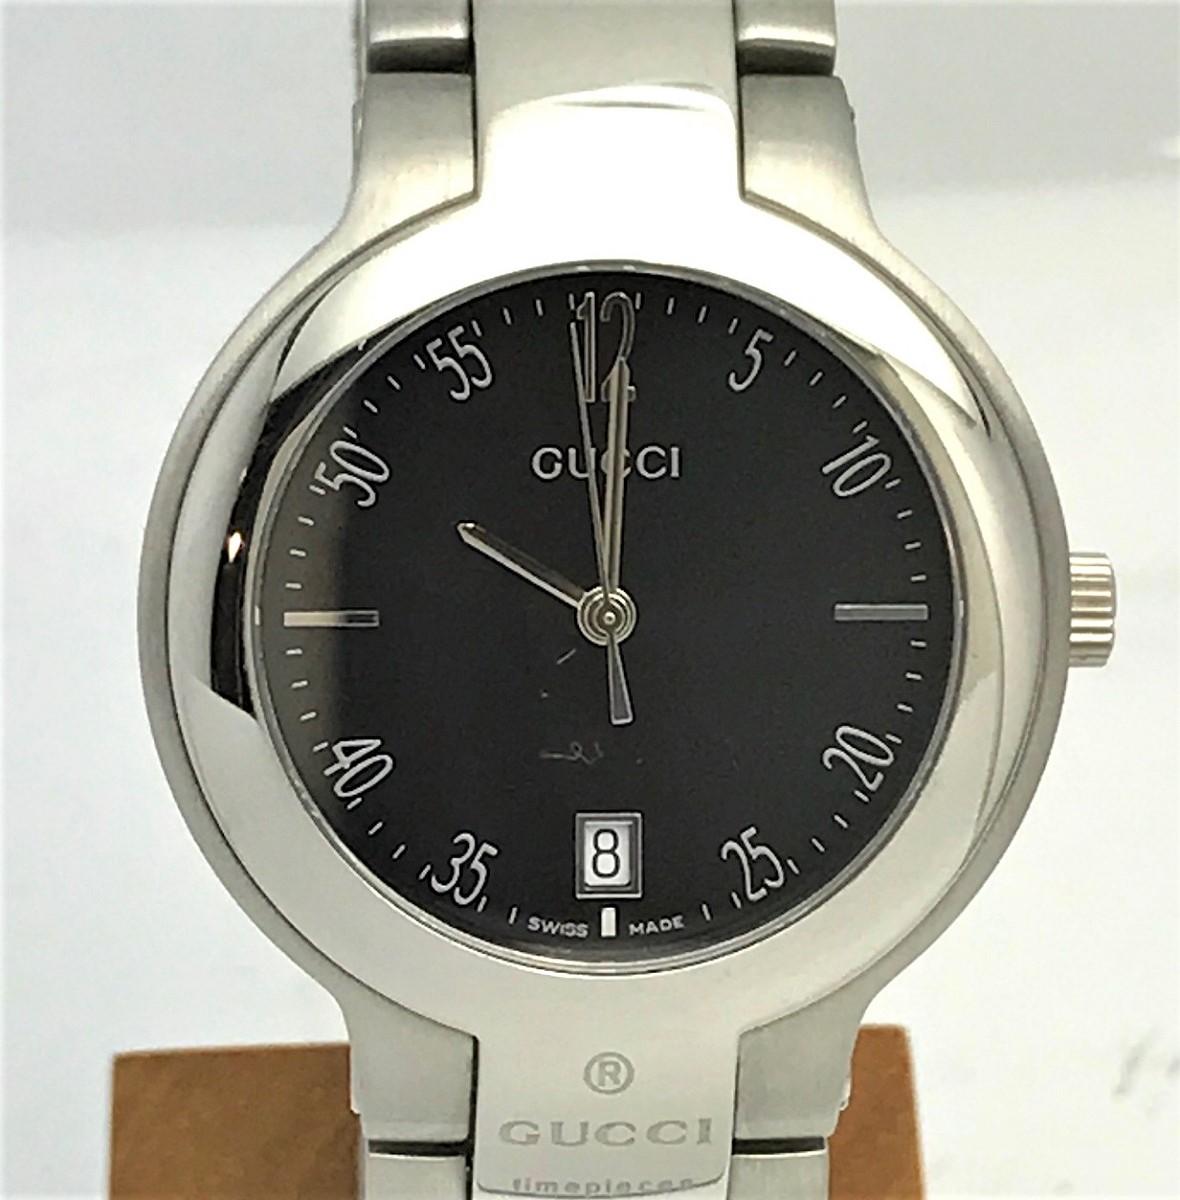 GUCCI グッチ 8900M Qz クォーツ メンズ 腕時計  SS ステンレス 【トレジャースポット】【中古】